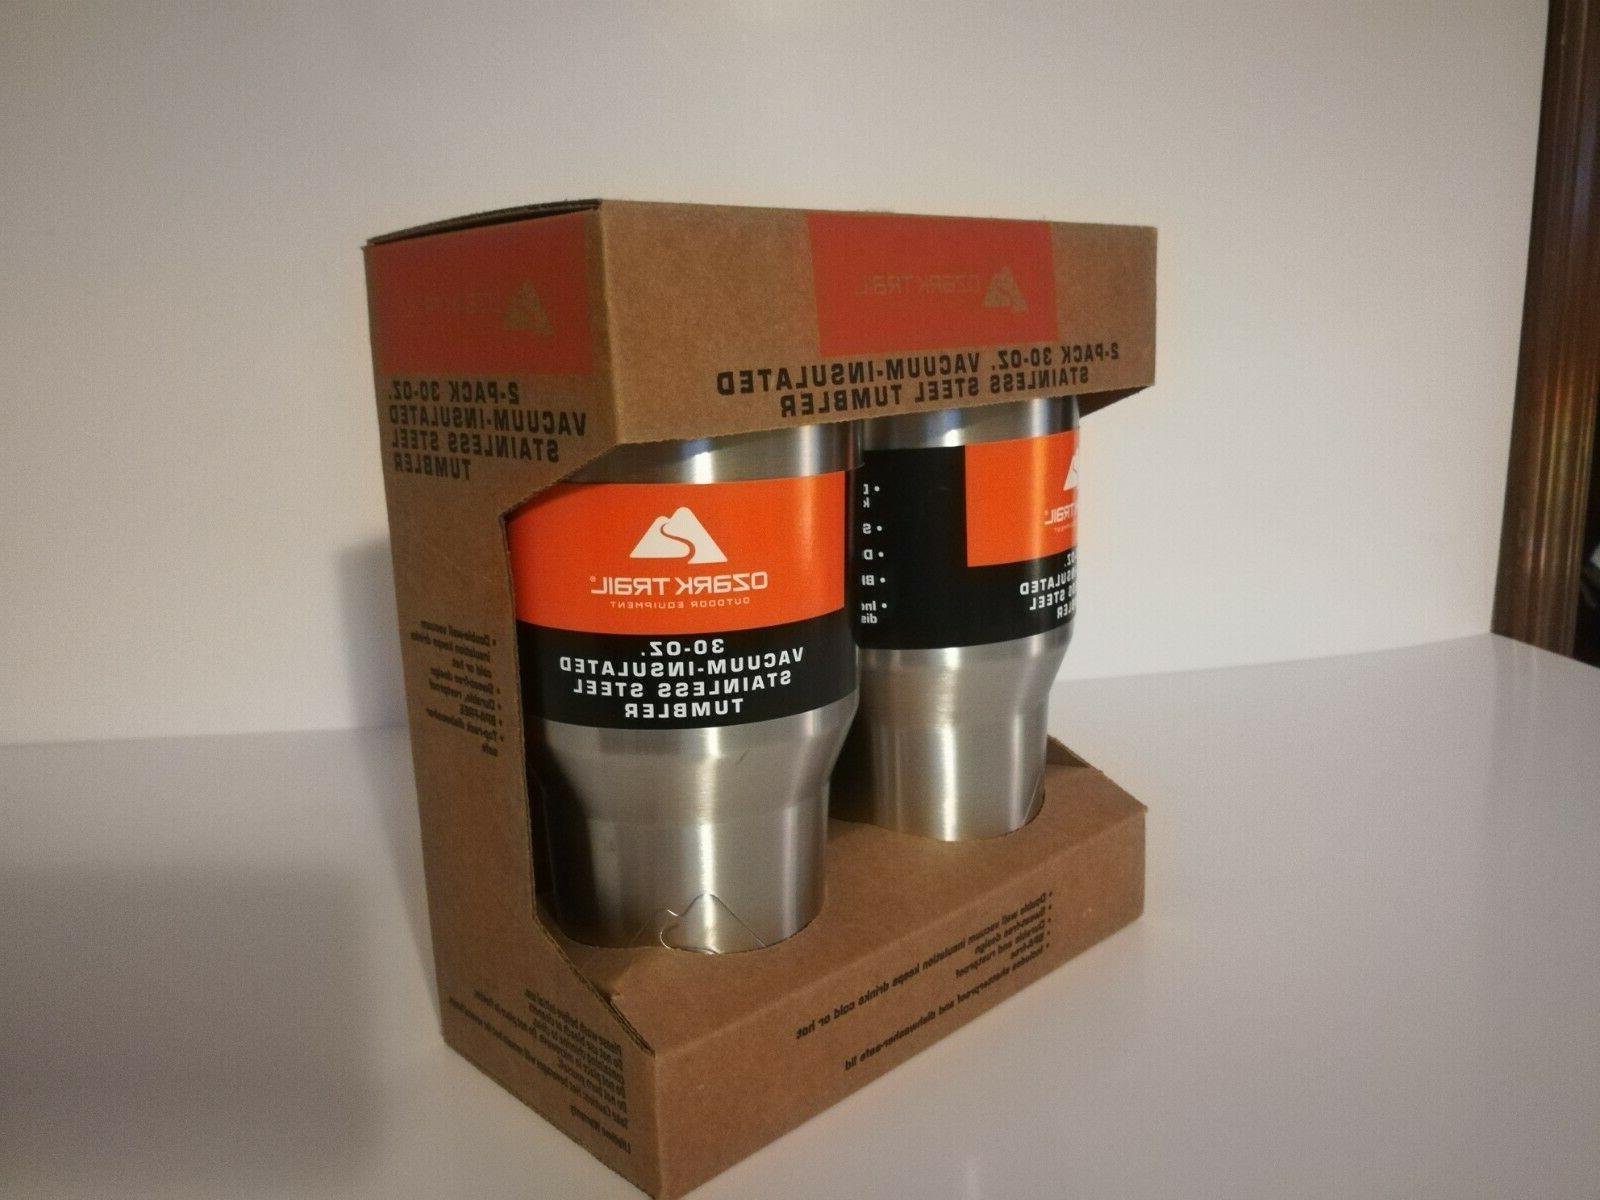 NEW Insulated Coffee Mug